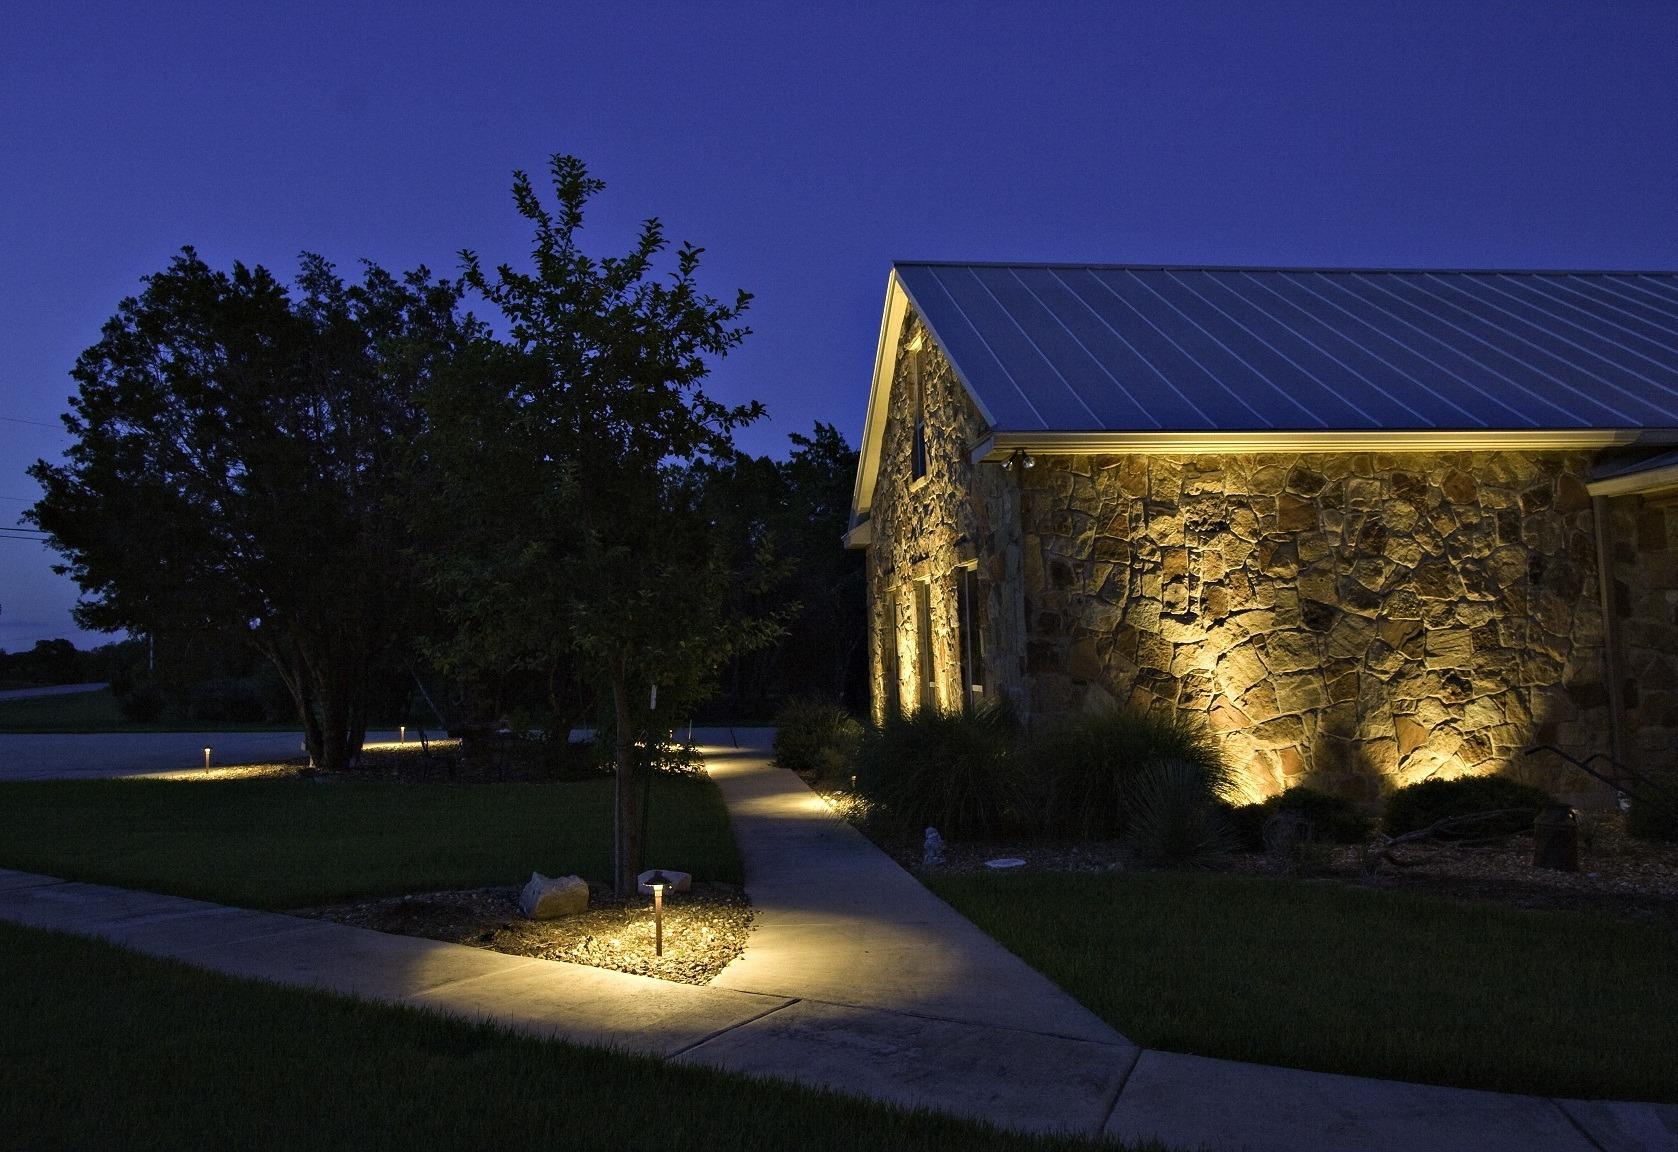 iluminación para disfrutar el jardín 2